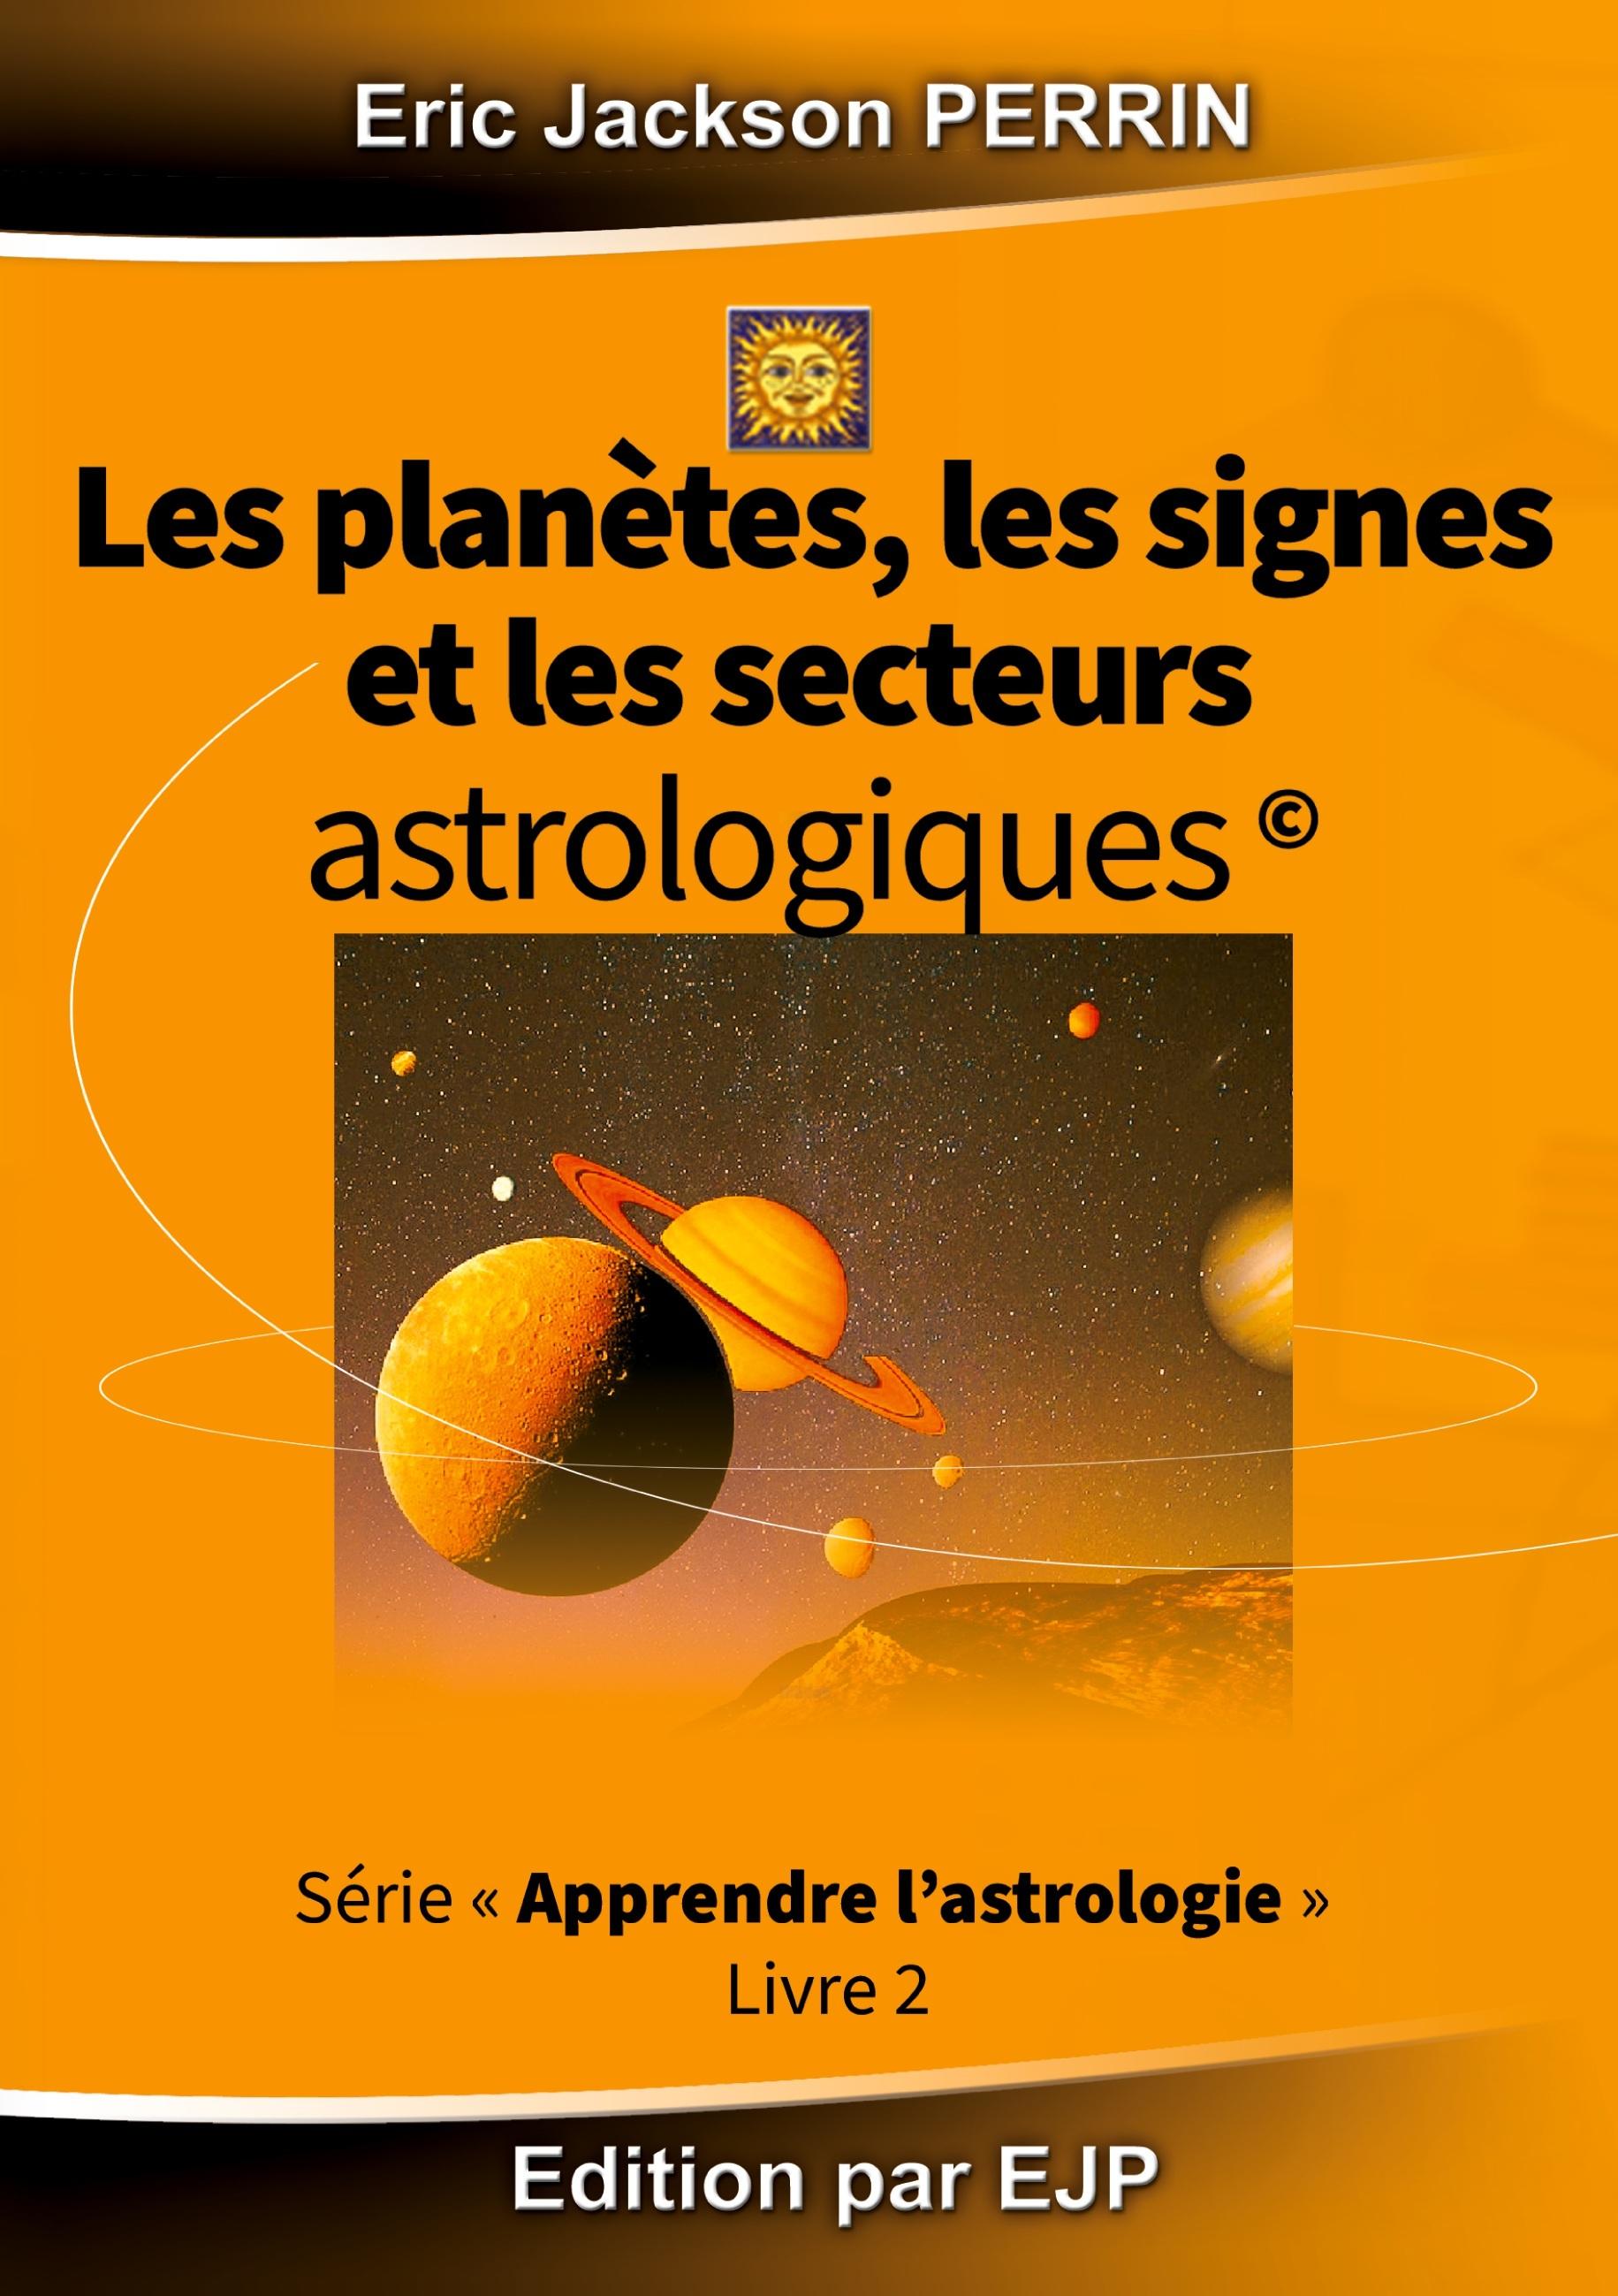 ASTROLOGIE LIVRE 2 LES PLANETES LES SIGNES ET LES SECTEURS ASTROLOGIQUES